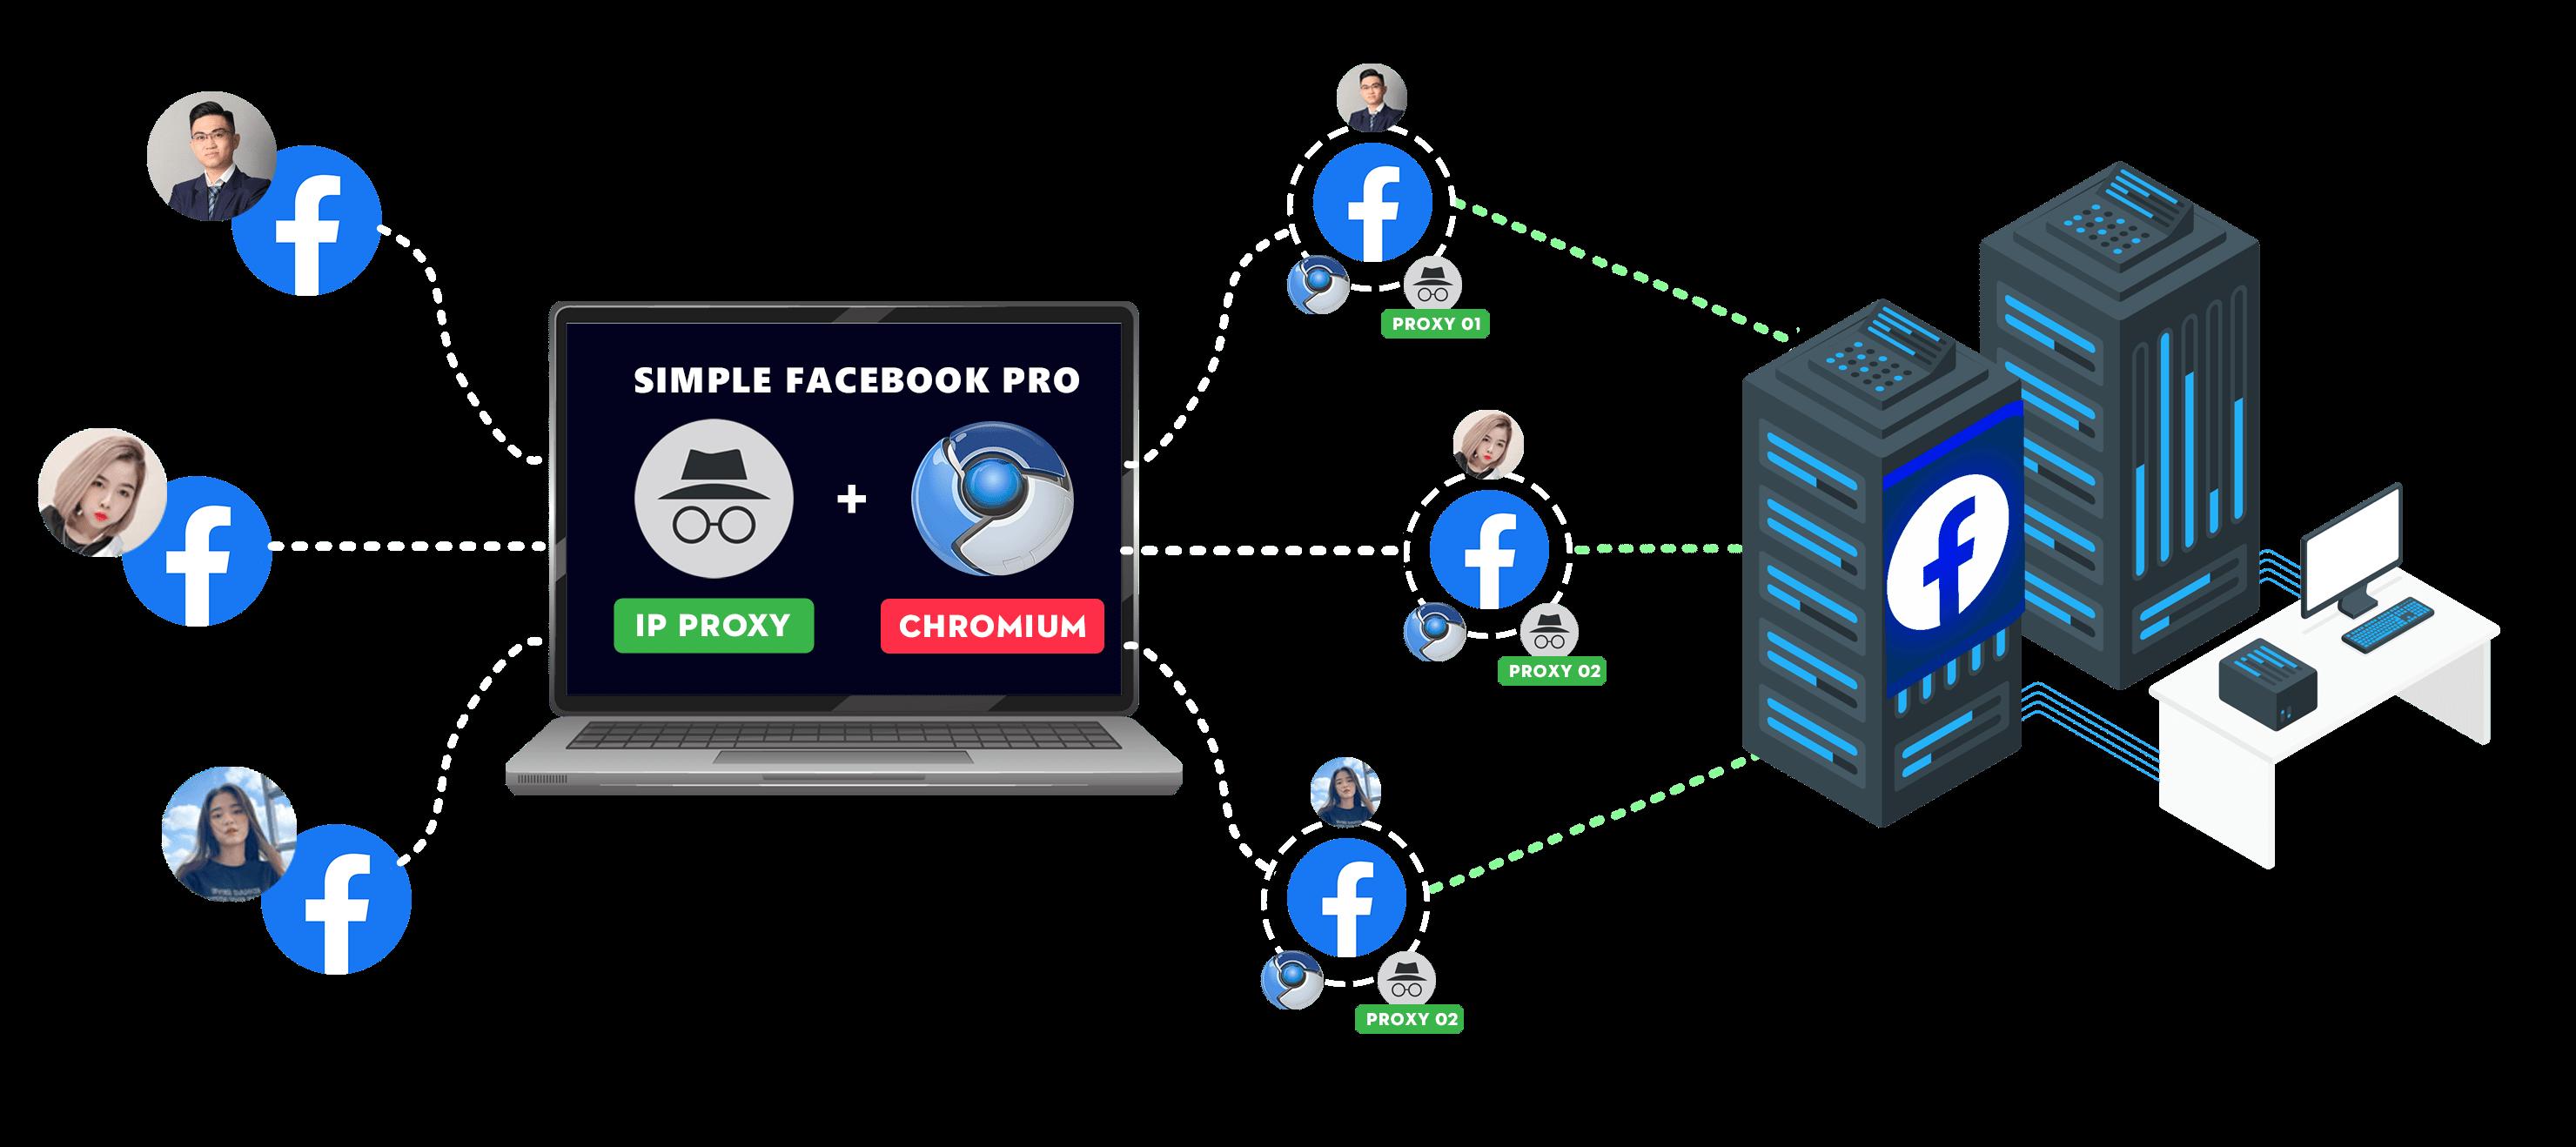 Simple Facebook Pro Proxy